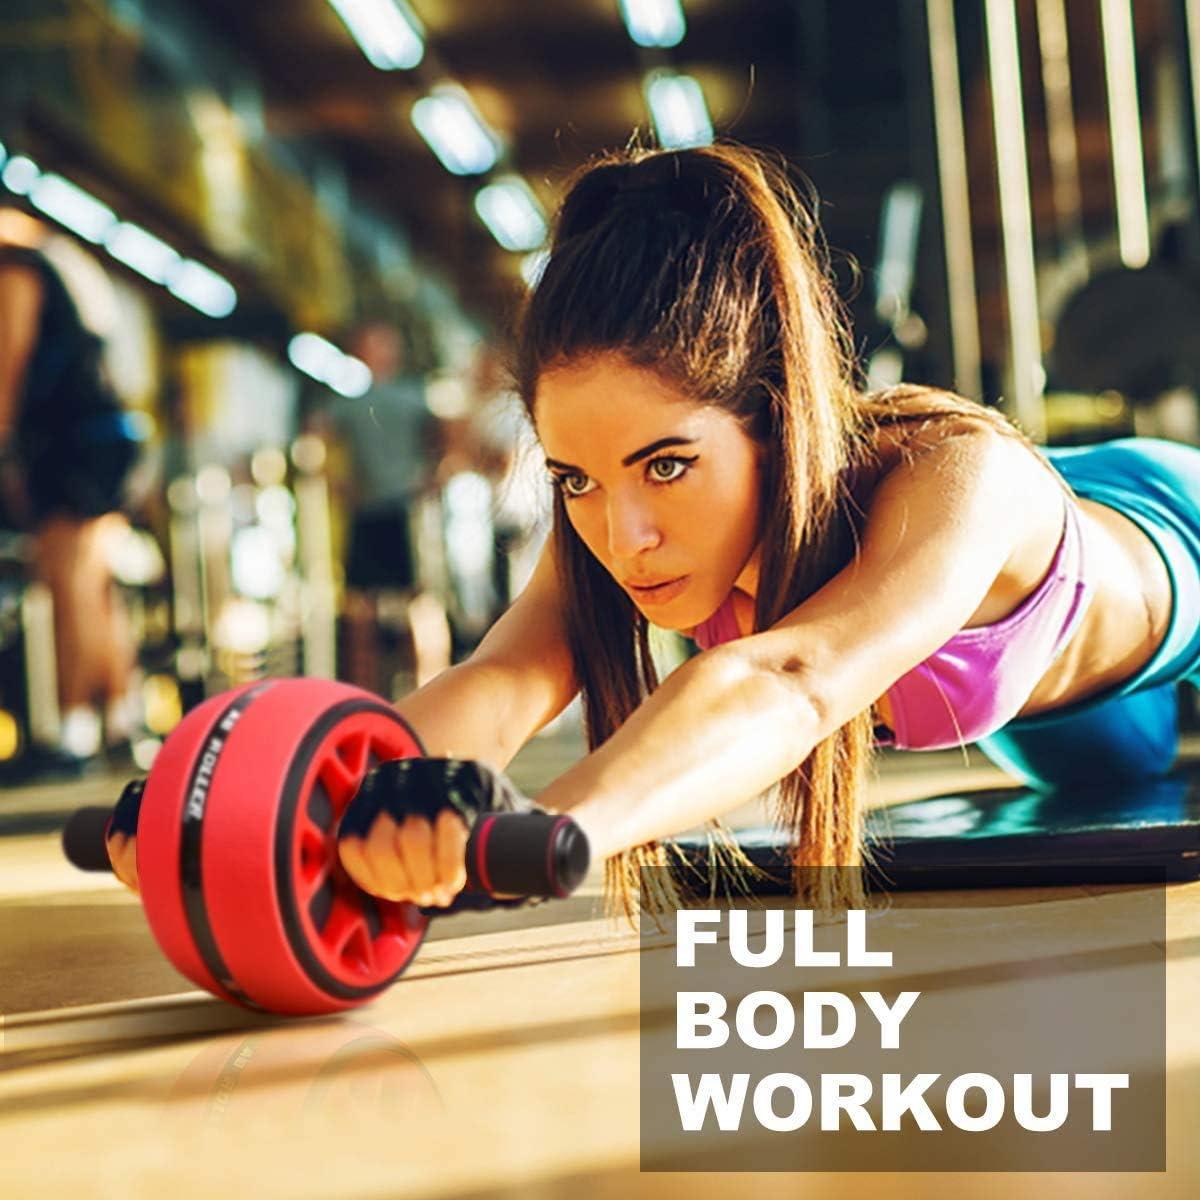 Rodillo de entrenamiento abdominal AB con cuerda para saltar, equipo de fitness 2 en 1, dispositivos de rodillo abdominal para entrenamiento, ayuda ...